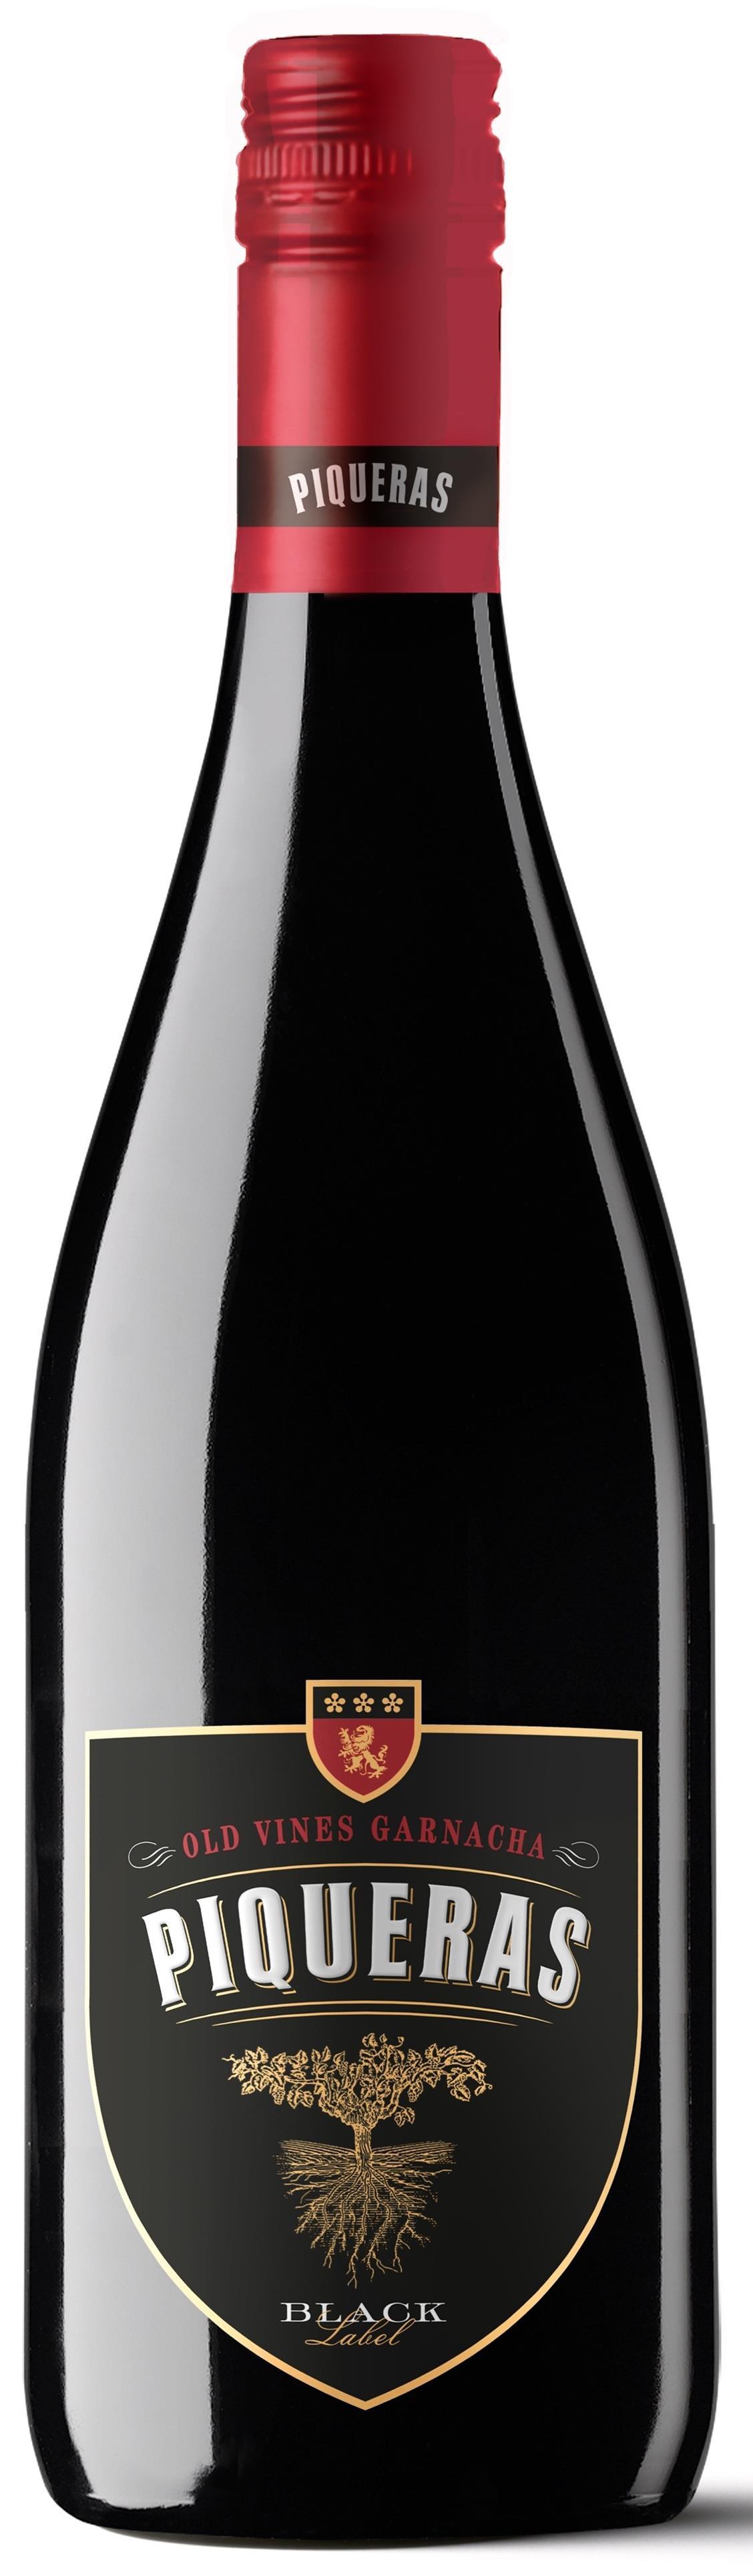 Piqueras Black Label Old Vines Garnacha 2014